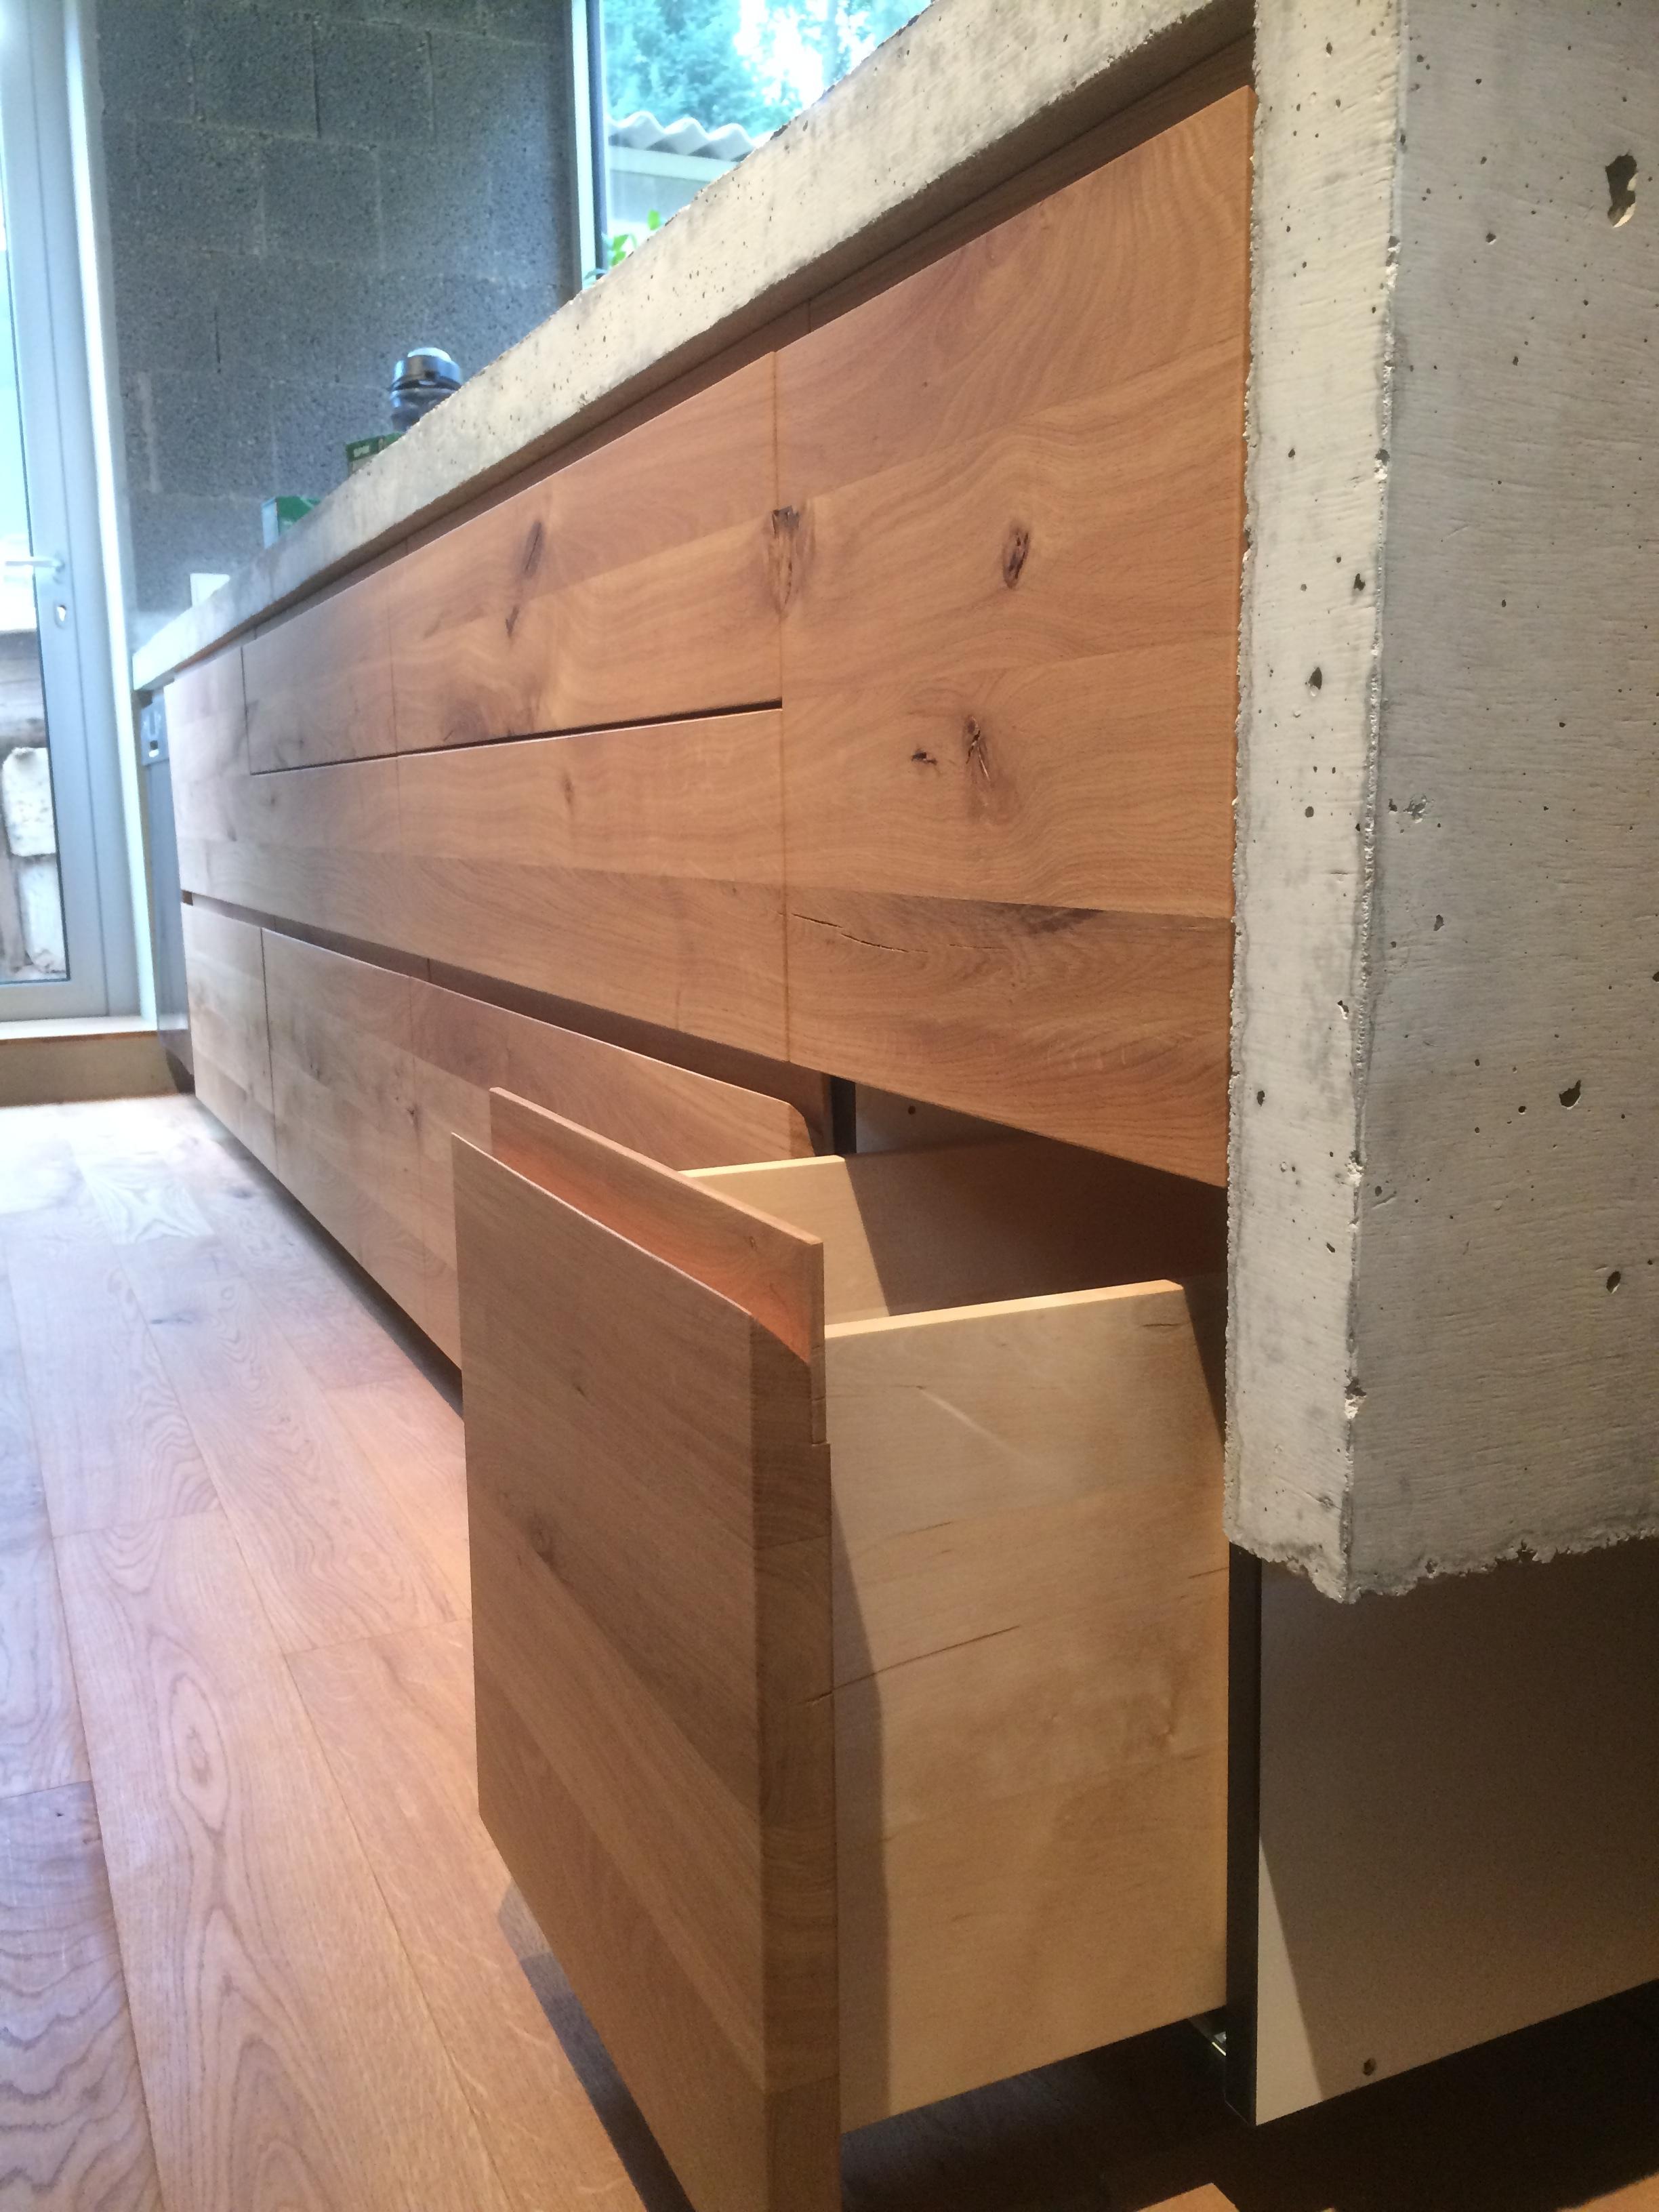 Hübsche Birken Schubladen, sehr wertig - Detail der Griffeinfräsung